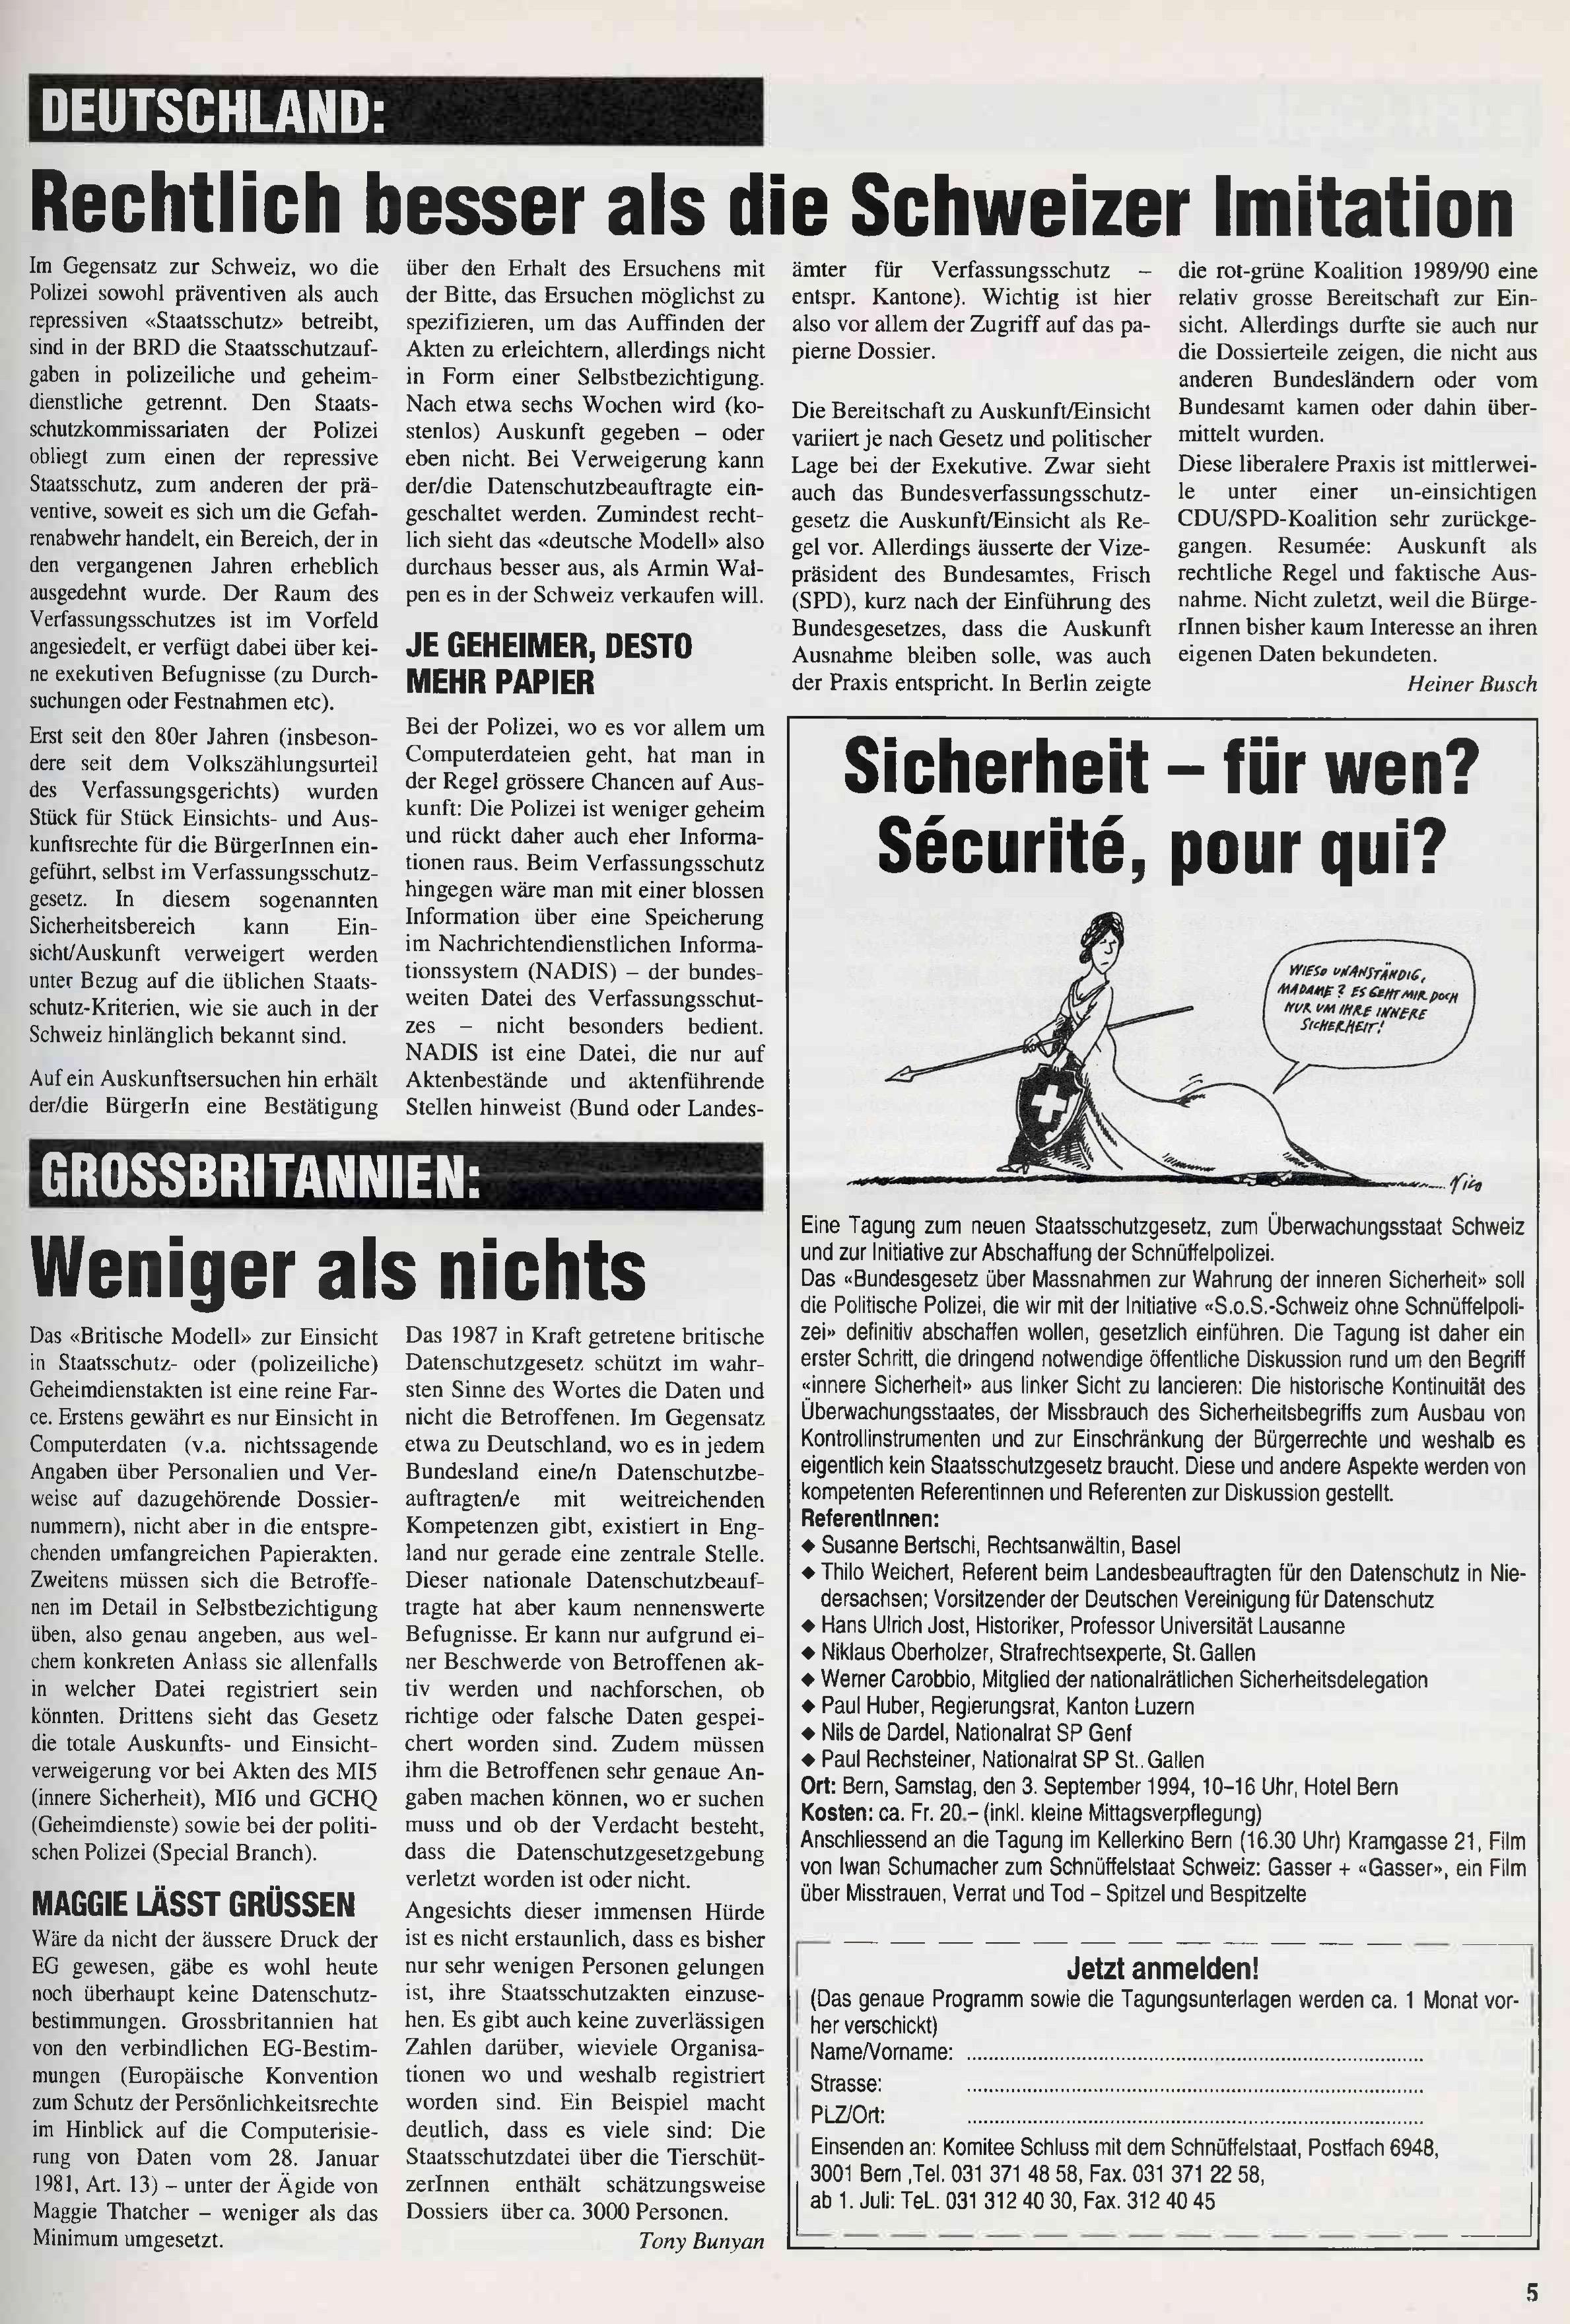 FICHEN FRITZ NR. 17 - SEITE 5